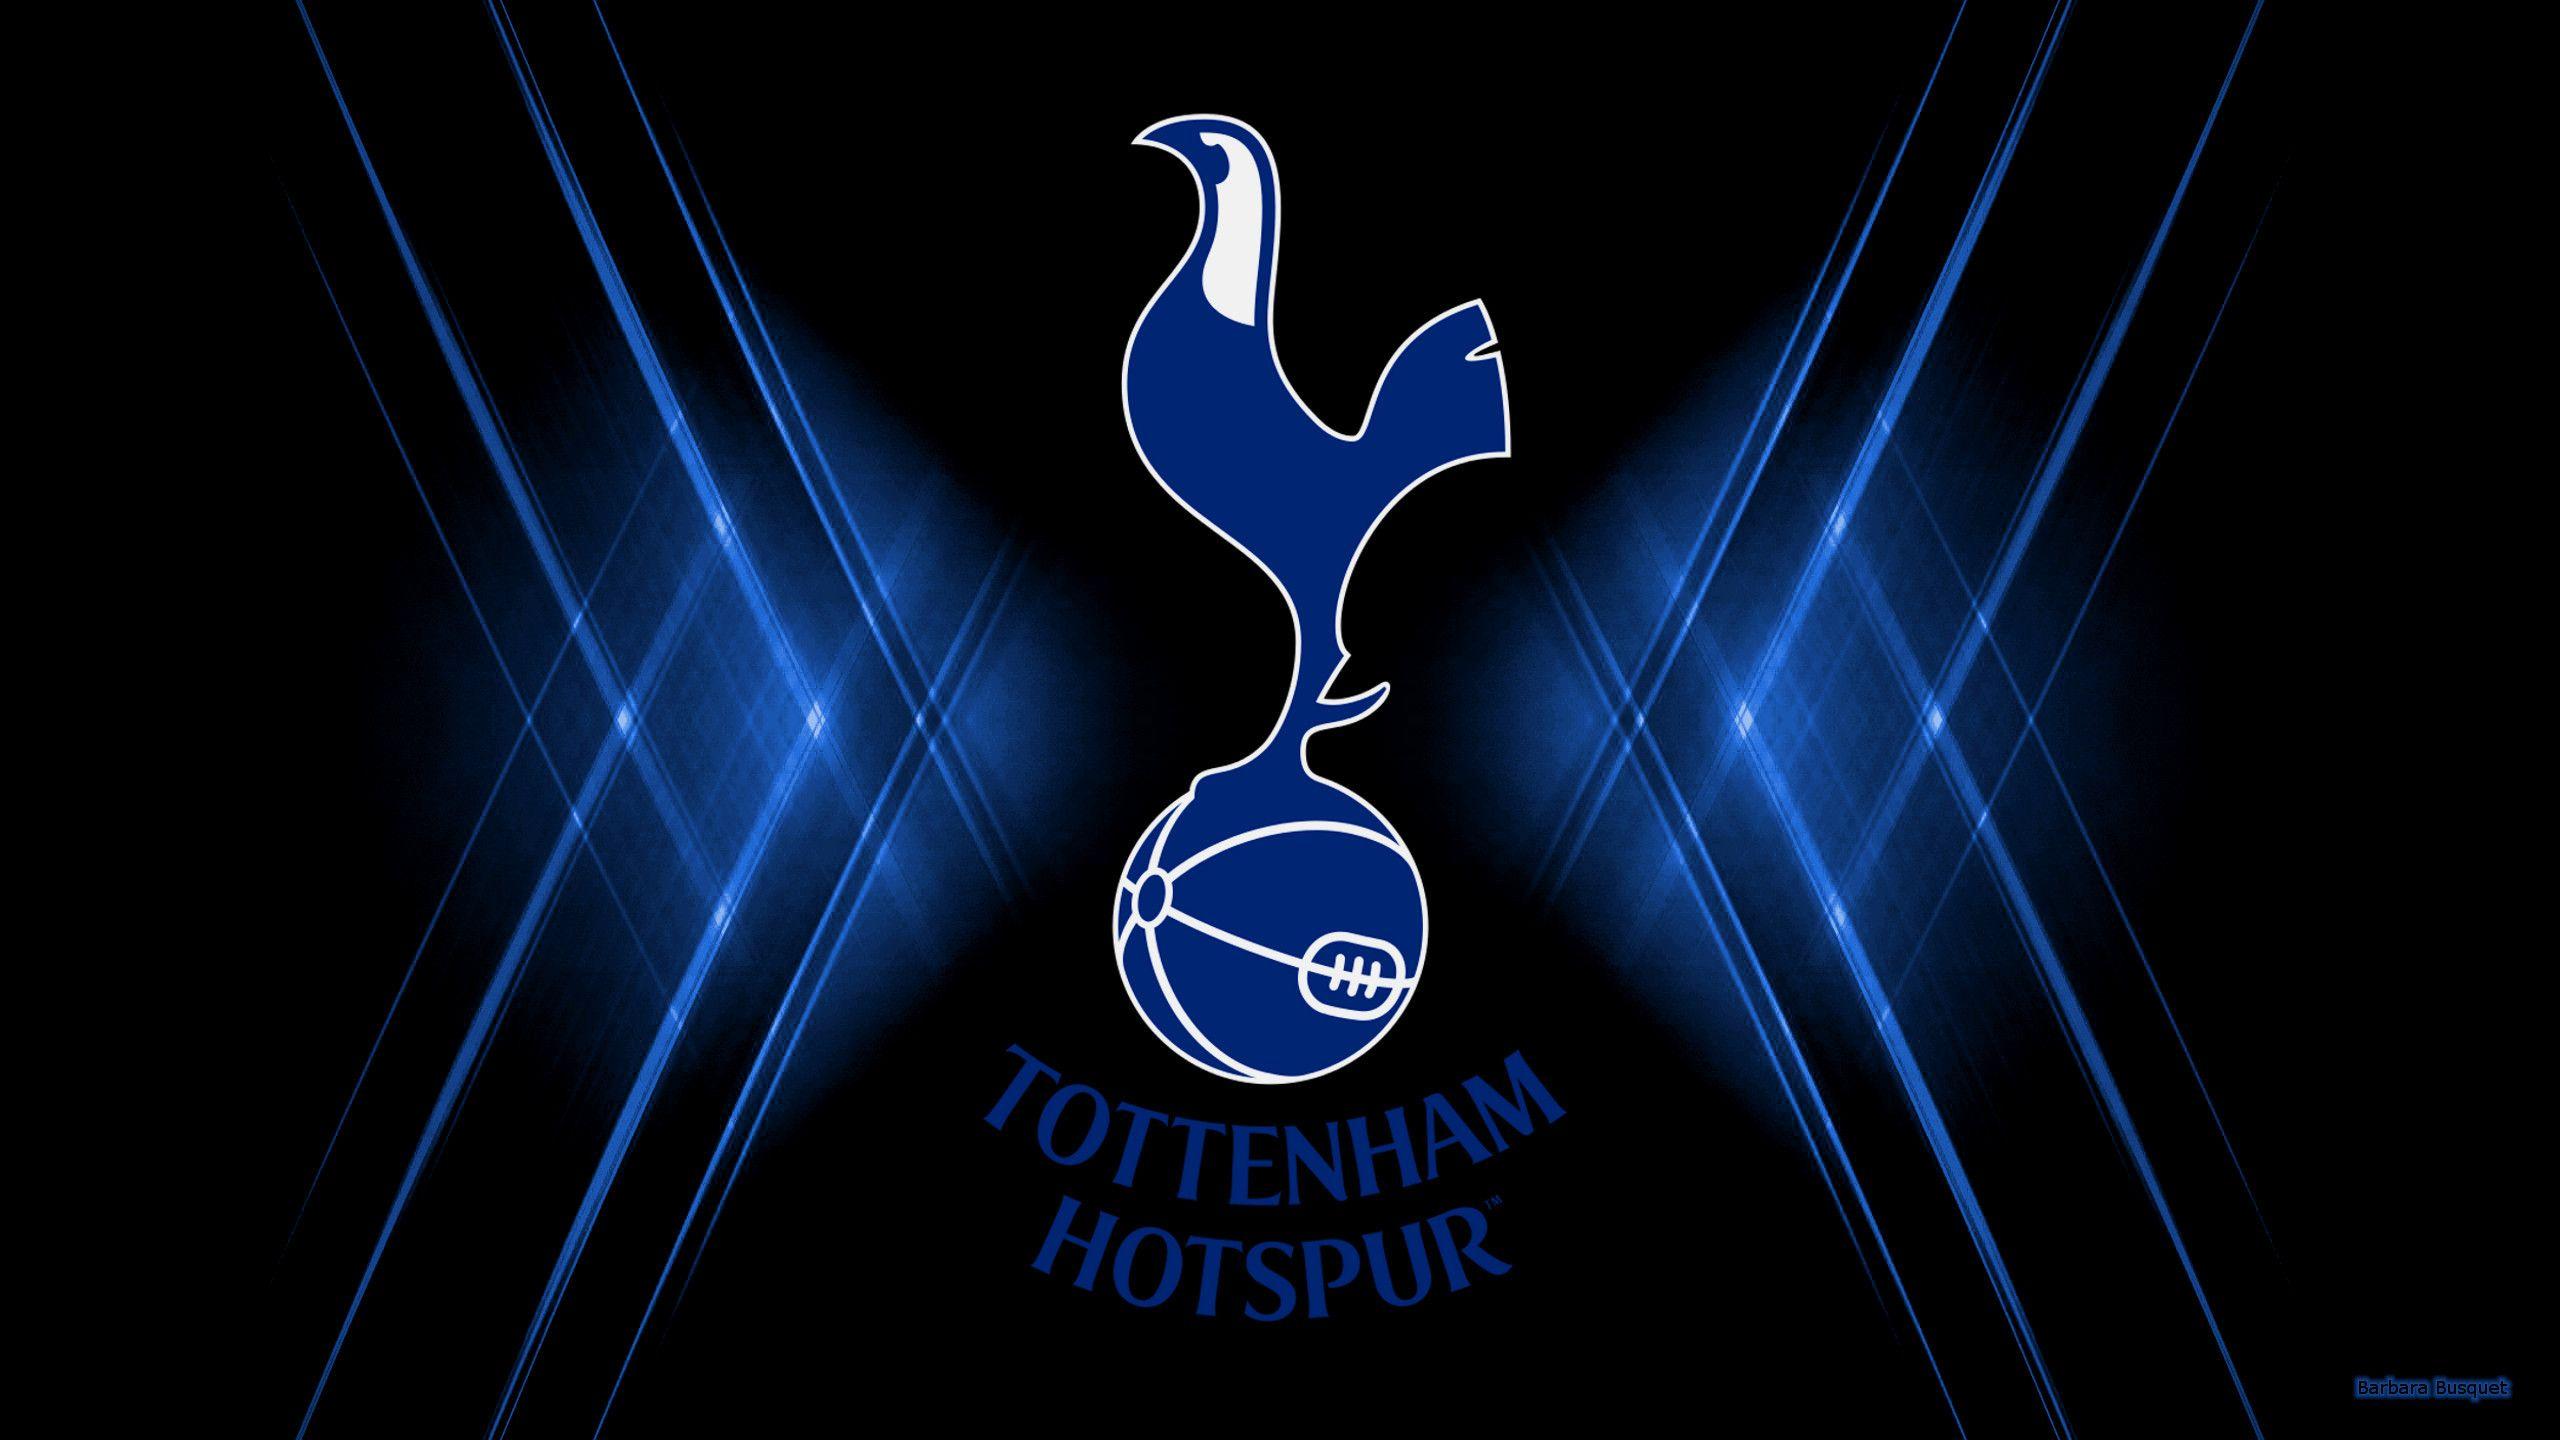 Res 2560x1440 Black Blue Tottenham Hotspur Football Club Wallpaper Tottenham Wallpaper Tottenham Hotspur Football Tottenham Hotspur